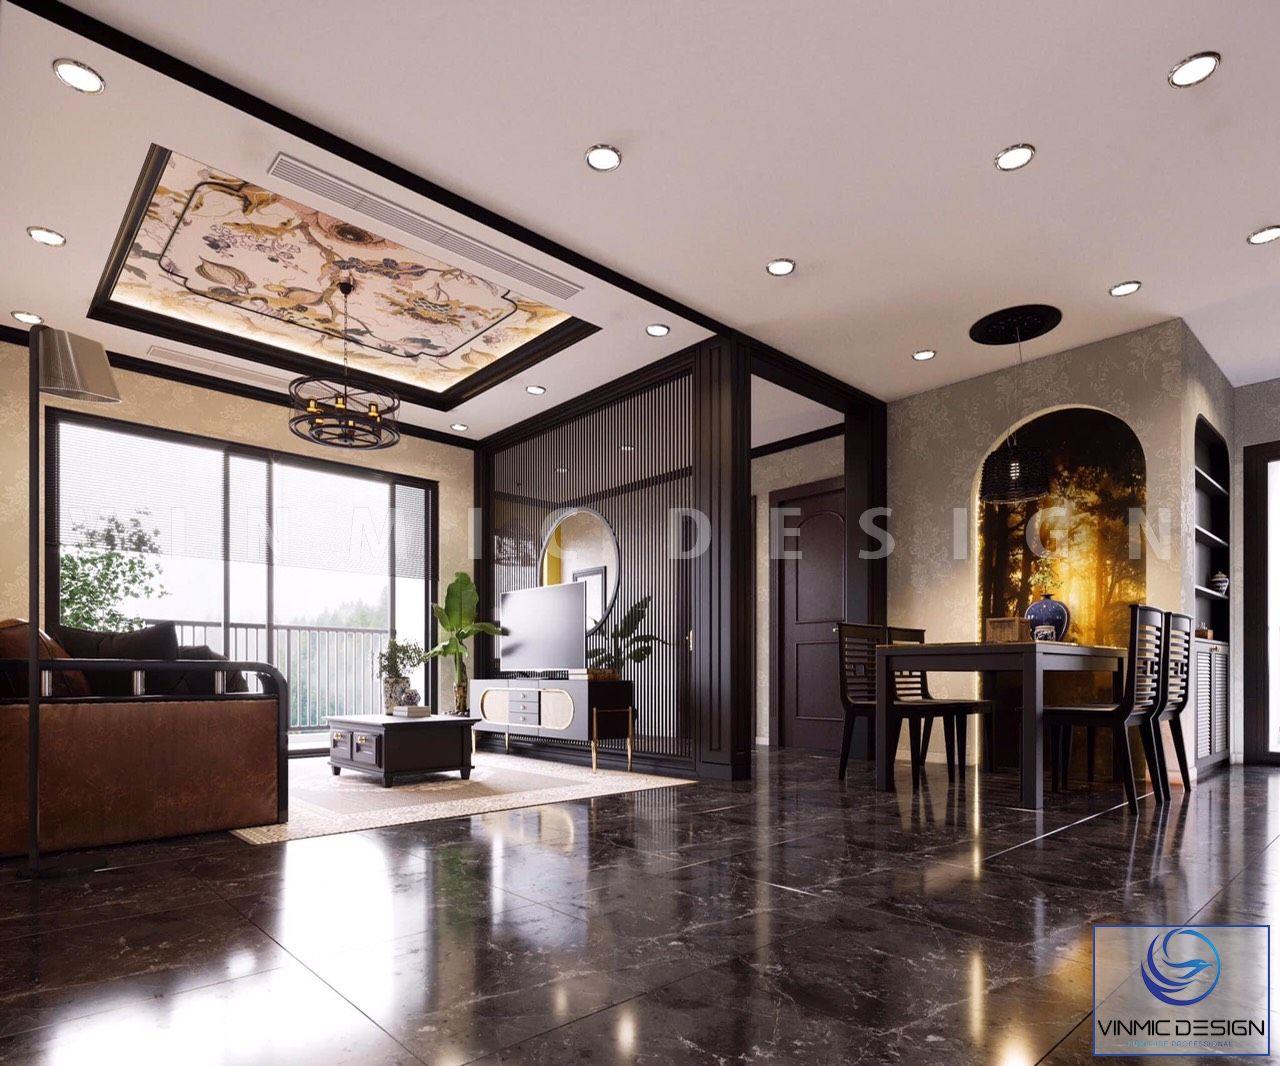 Những vách ngăn đã tạo điểm nhấn cho thiết kế phòng khách